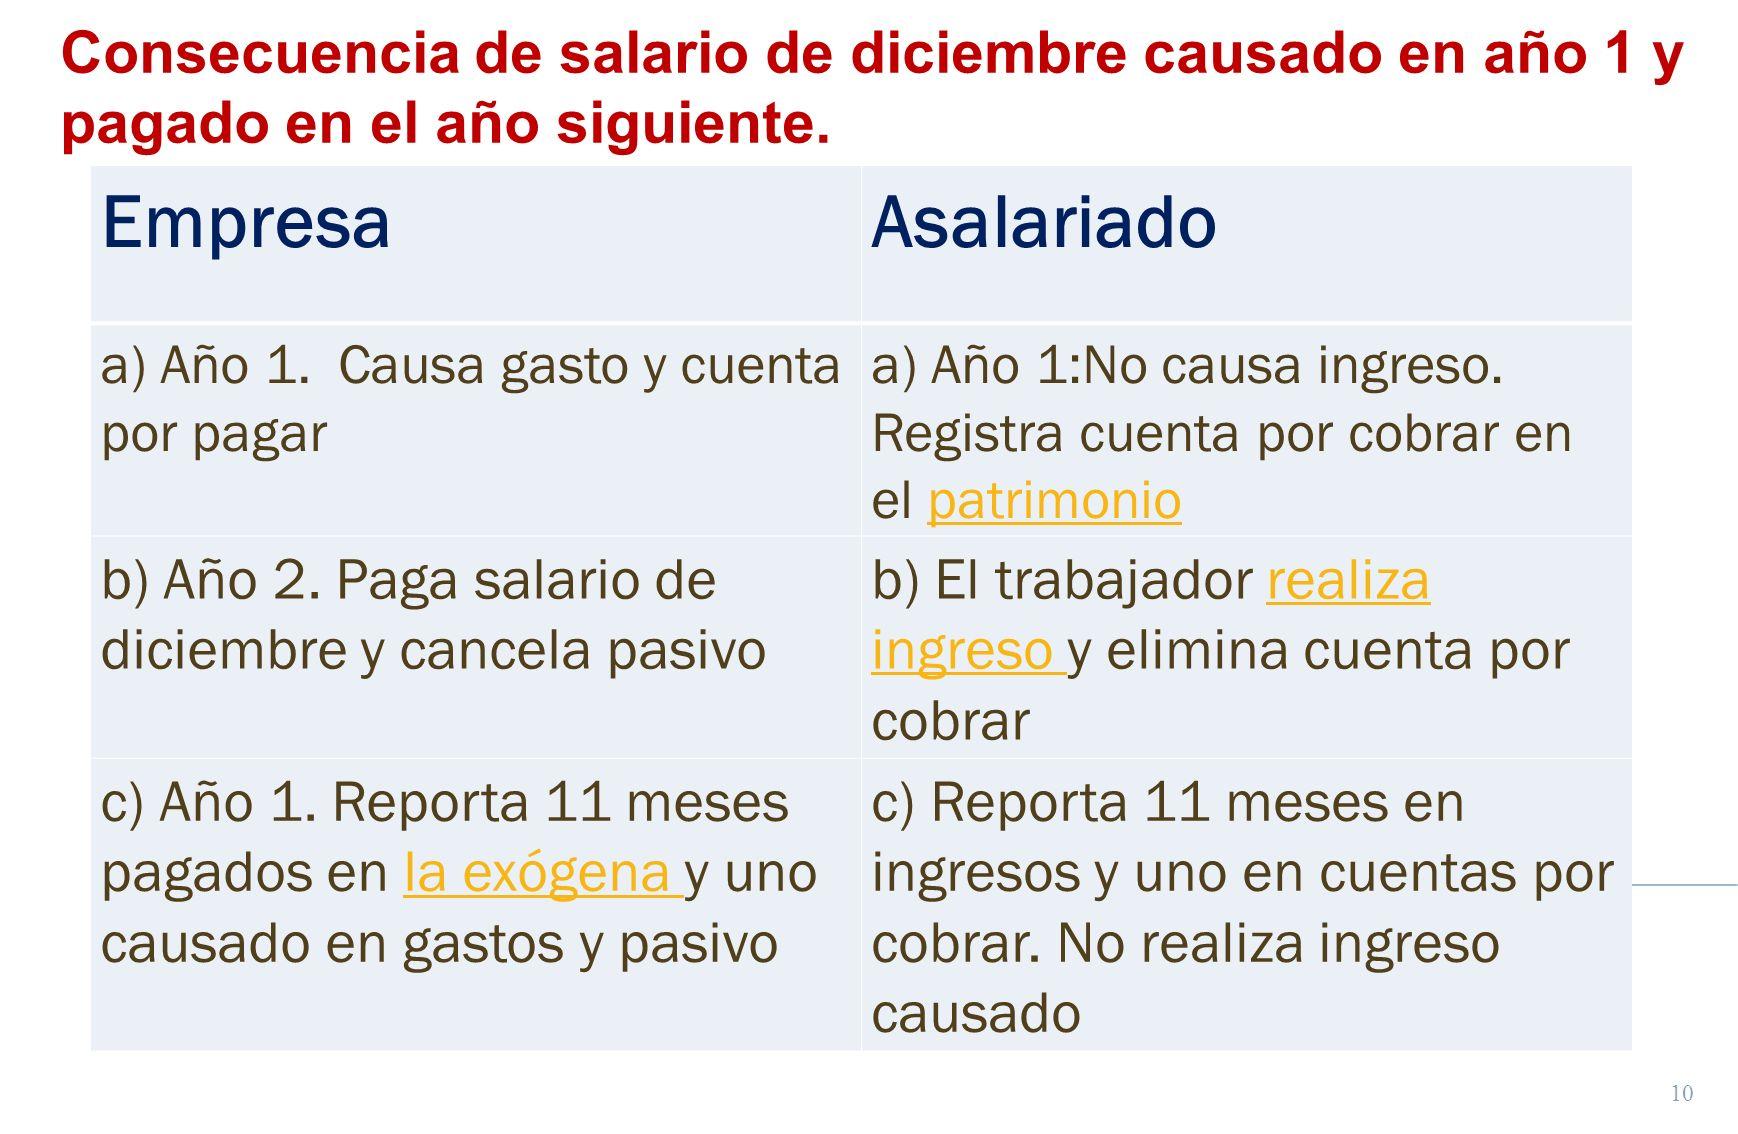 Consecuencia de salario de diciembre causado en año 1 y pagado en el año siguiente.